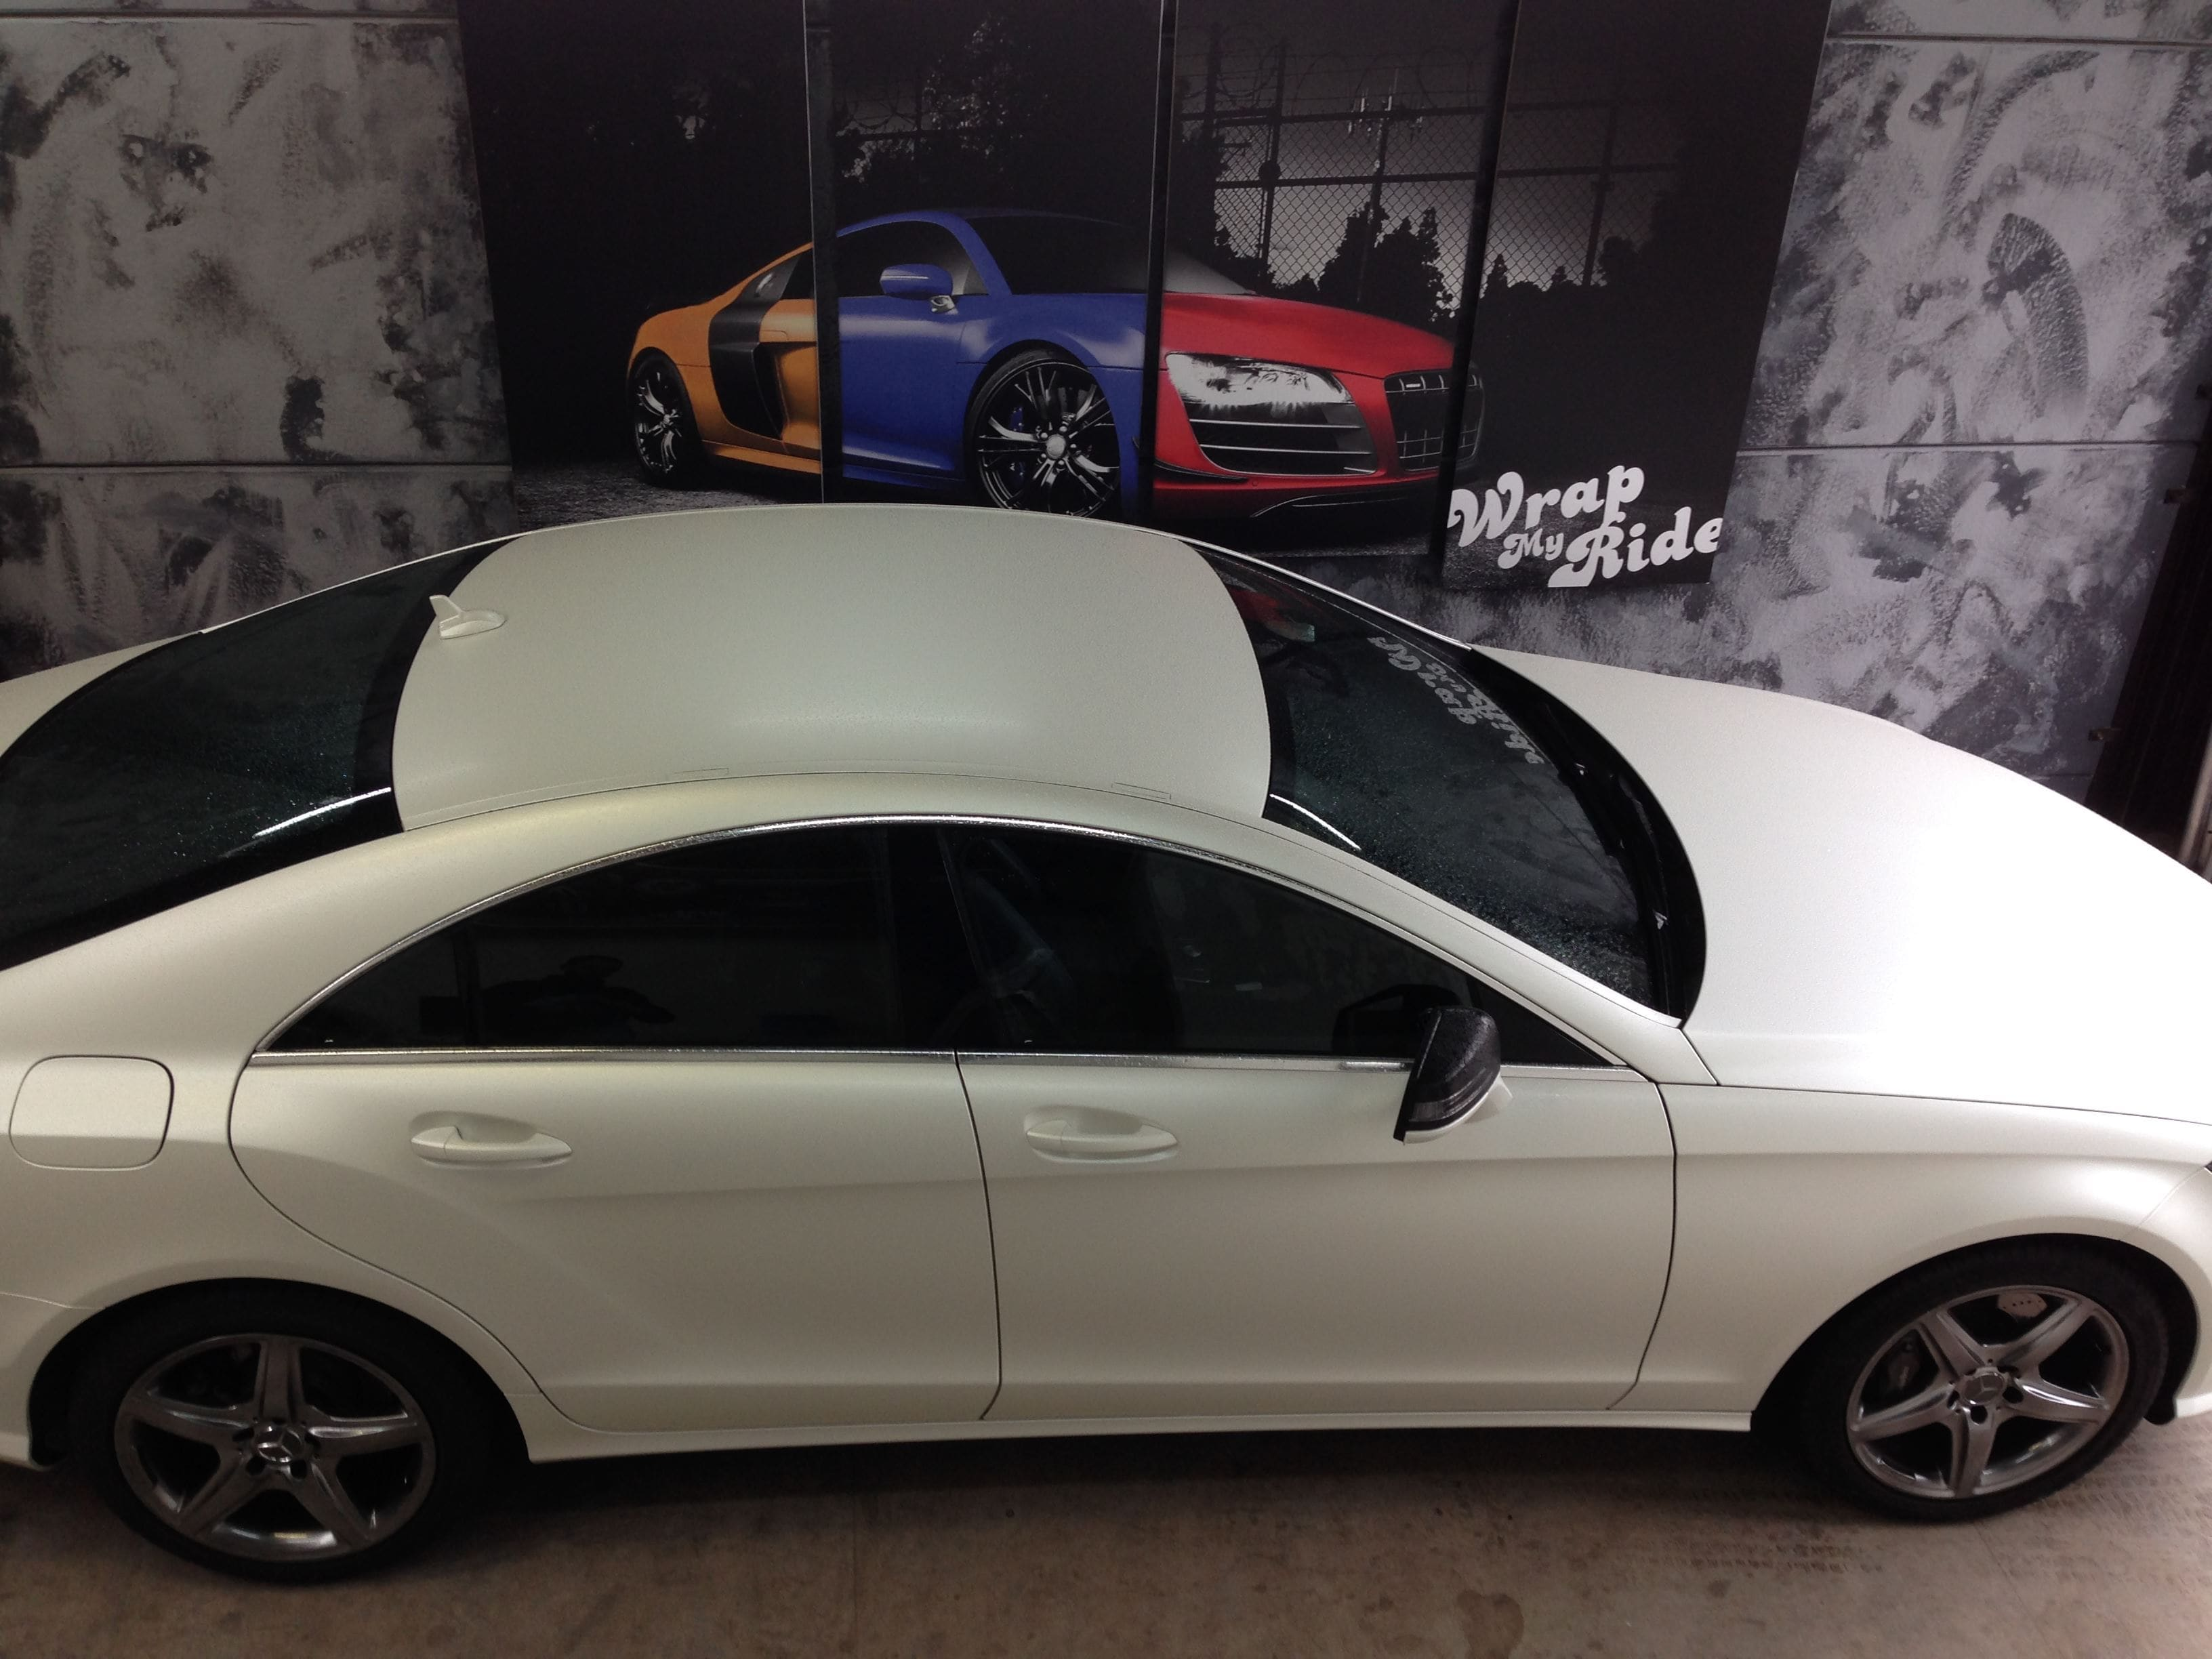 Mercedes CLS met White Satin Pearl Wrap, Carwrapping door Wrapmyride.nu Foto-nr:6219, ©2021